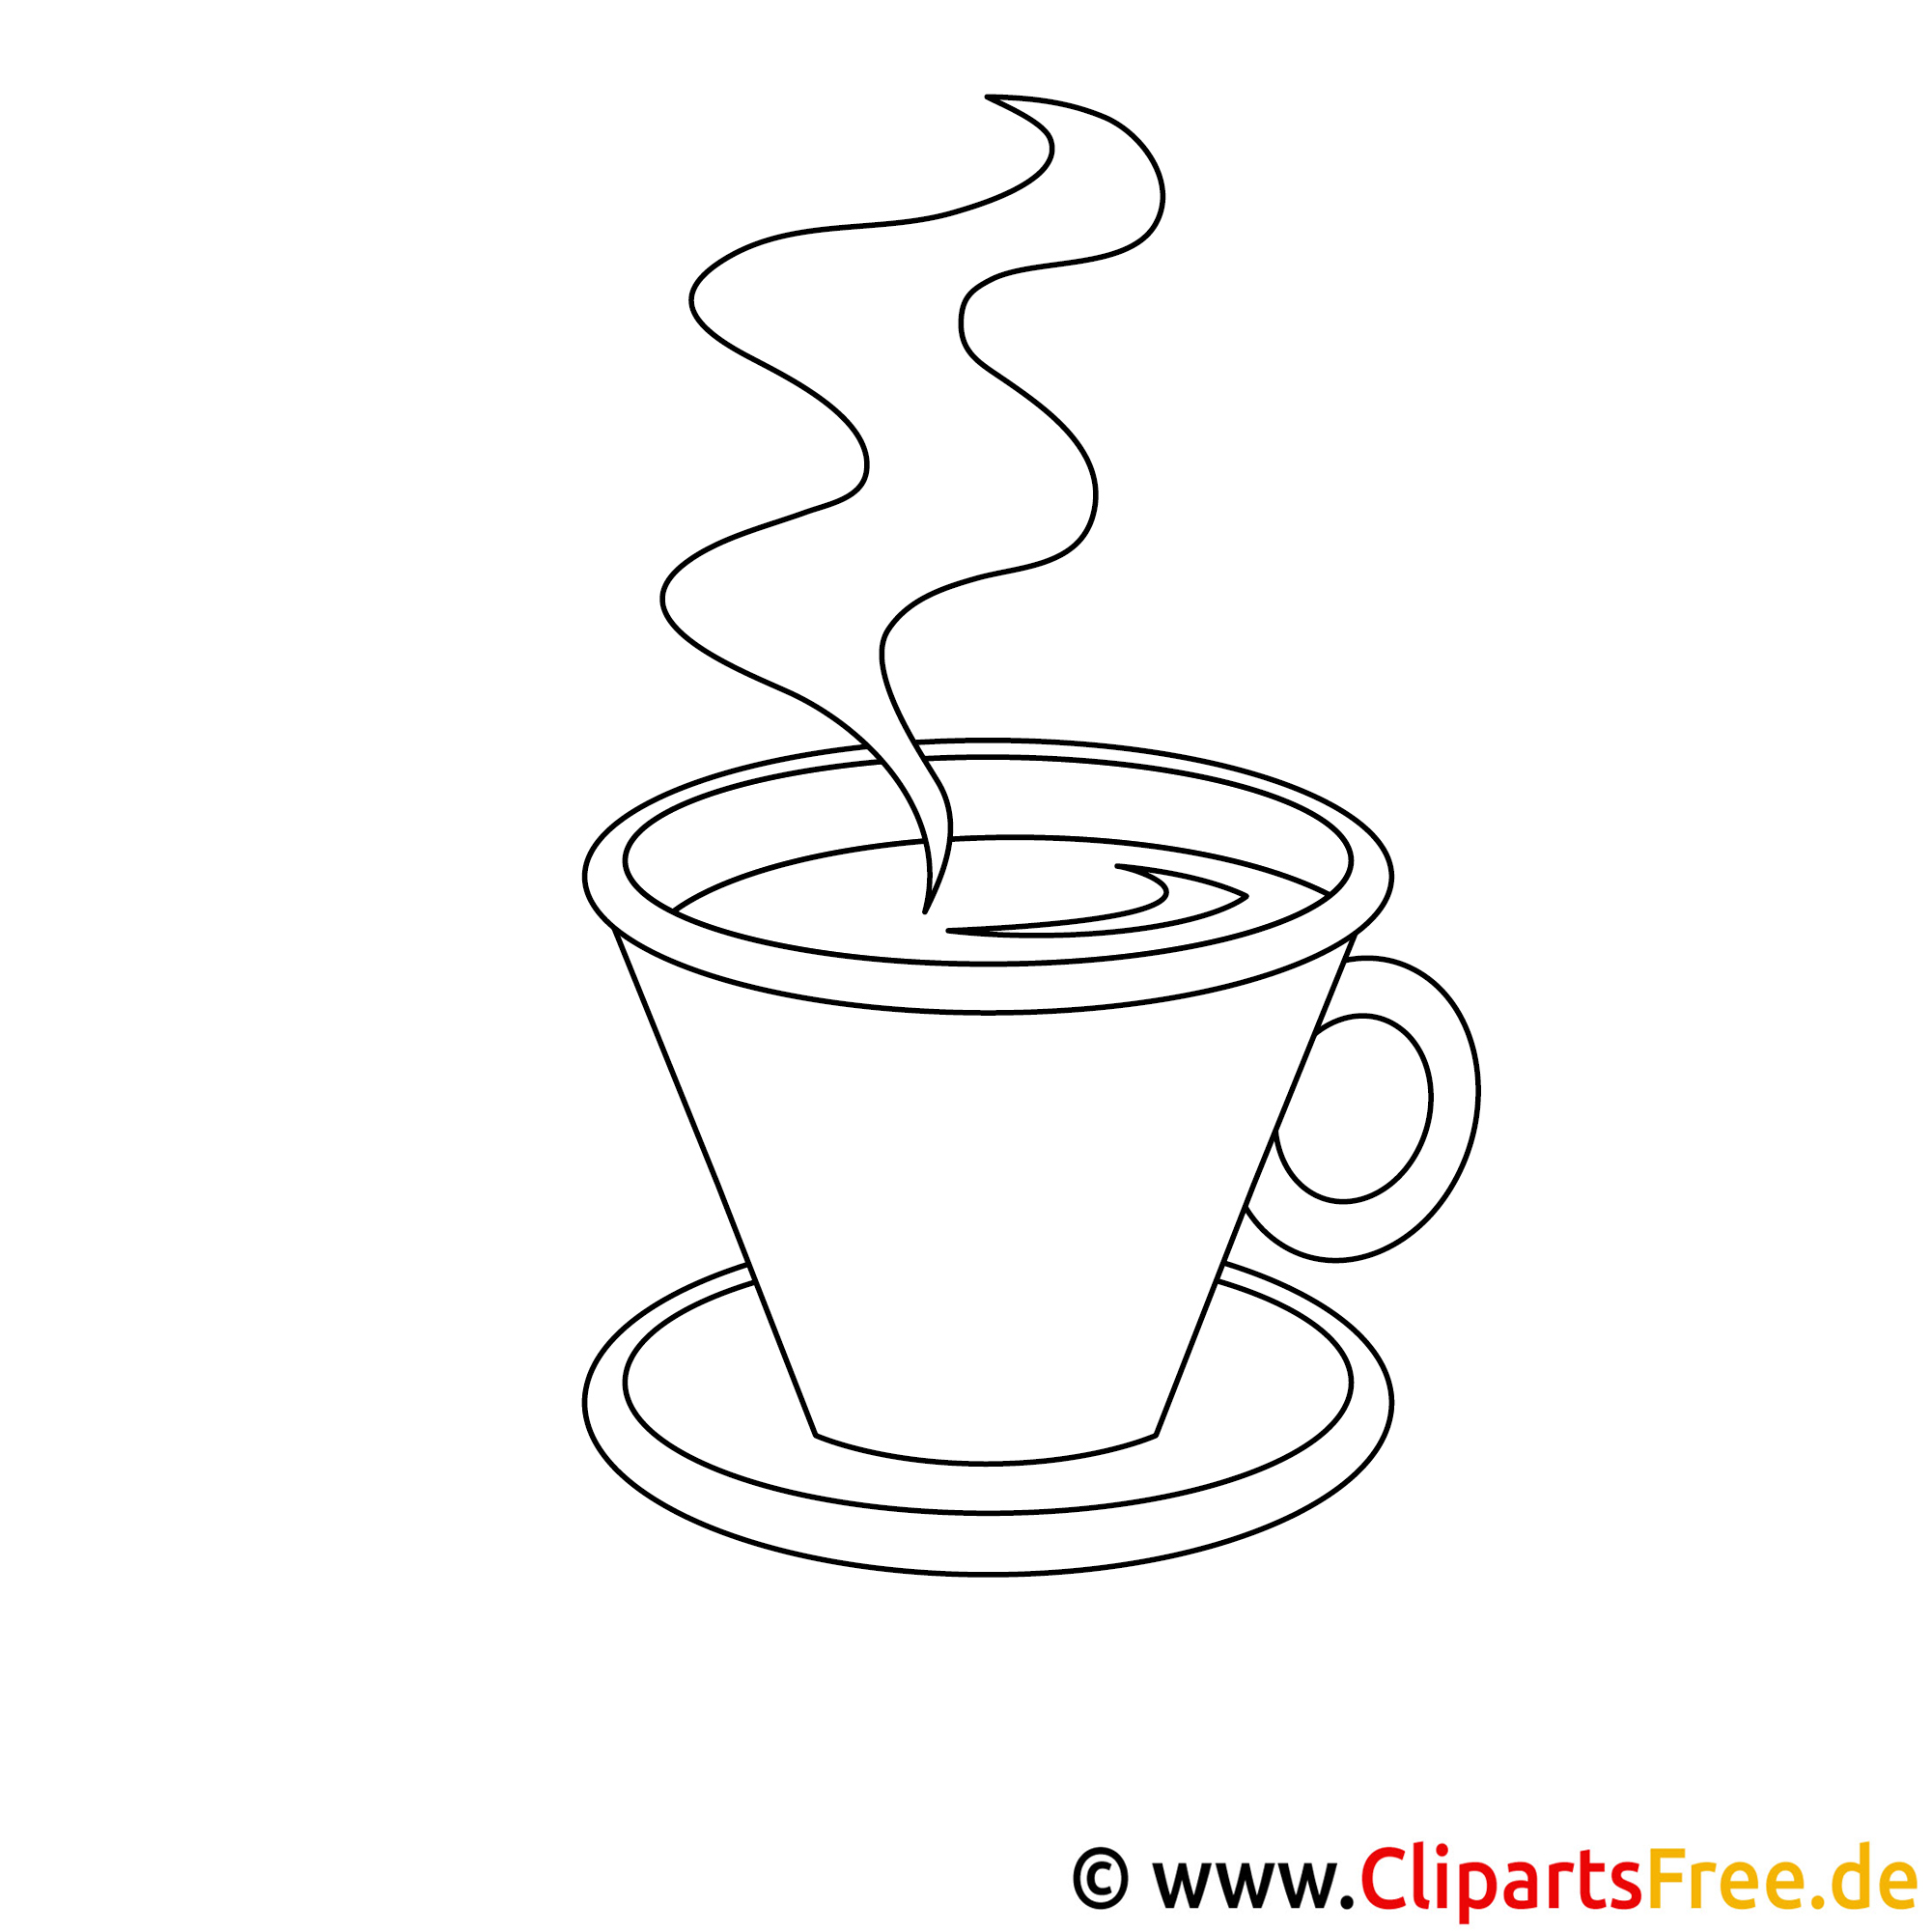 kaffeetasse bild zum ausmalen malvorlage ausmalbild. Black Bedroom Furniture Sets. Home Design Ideas